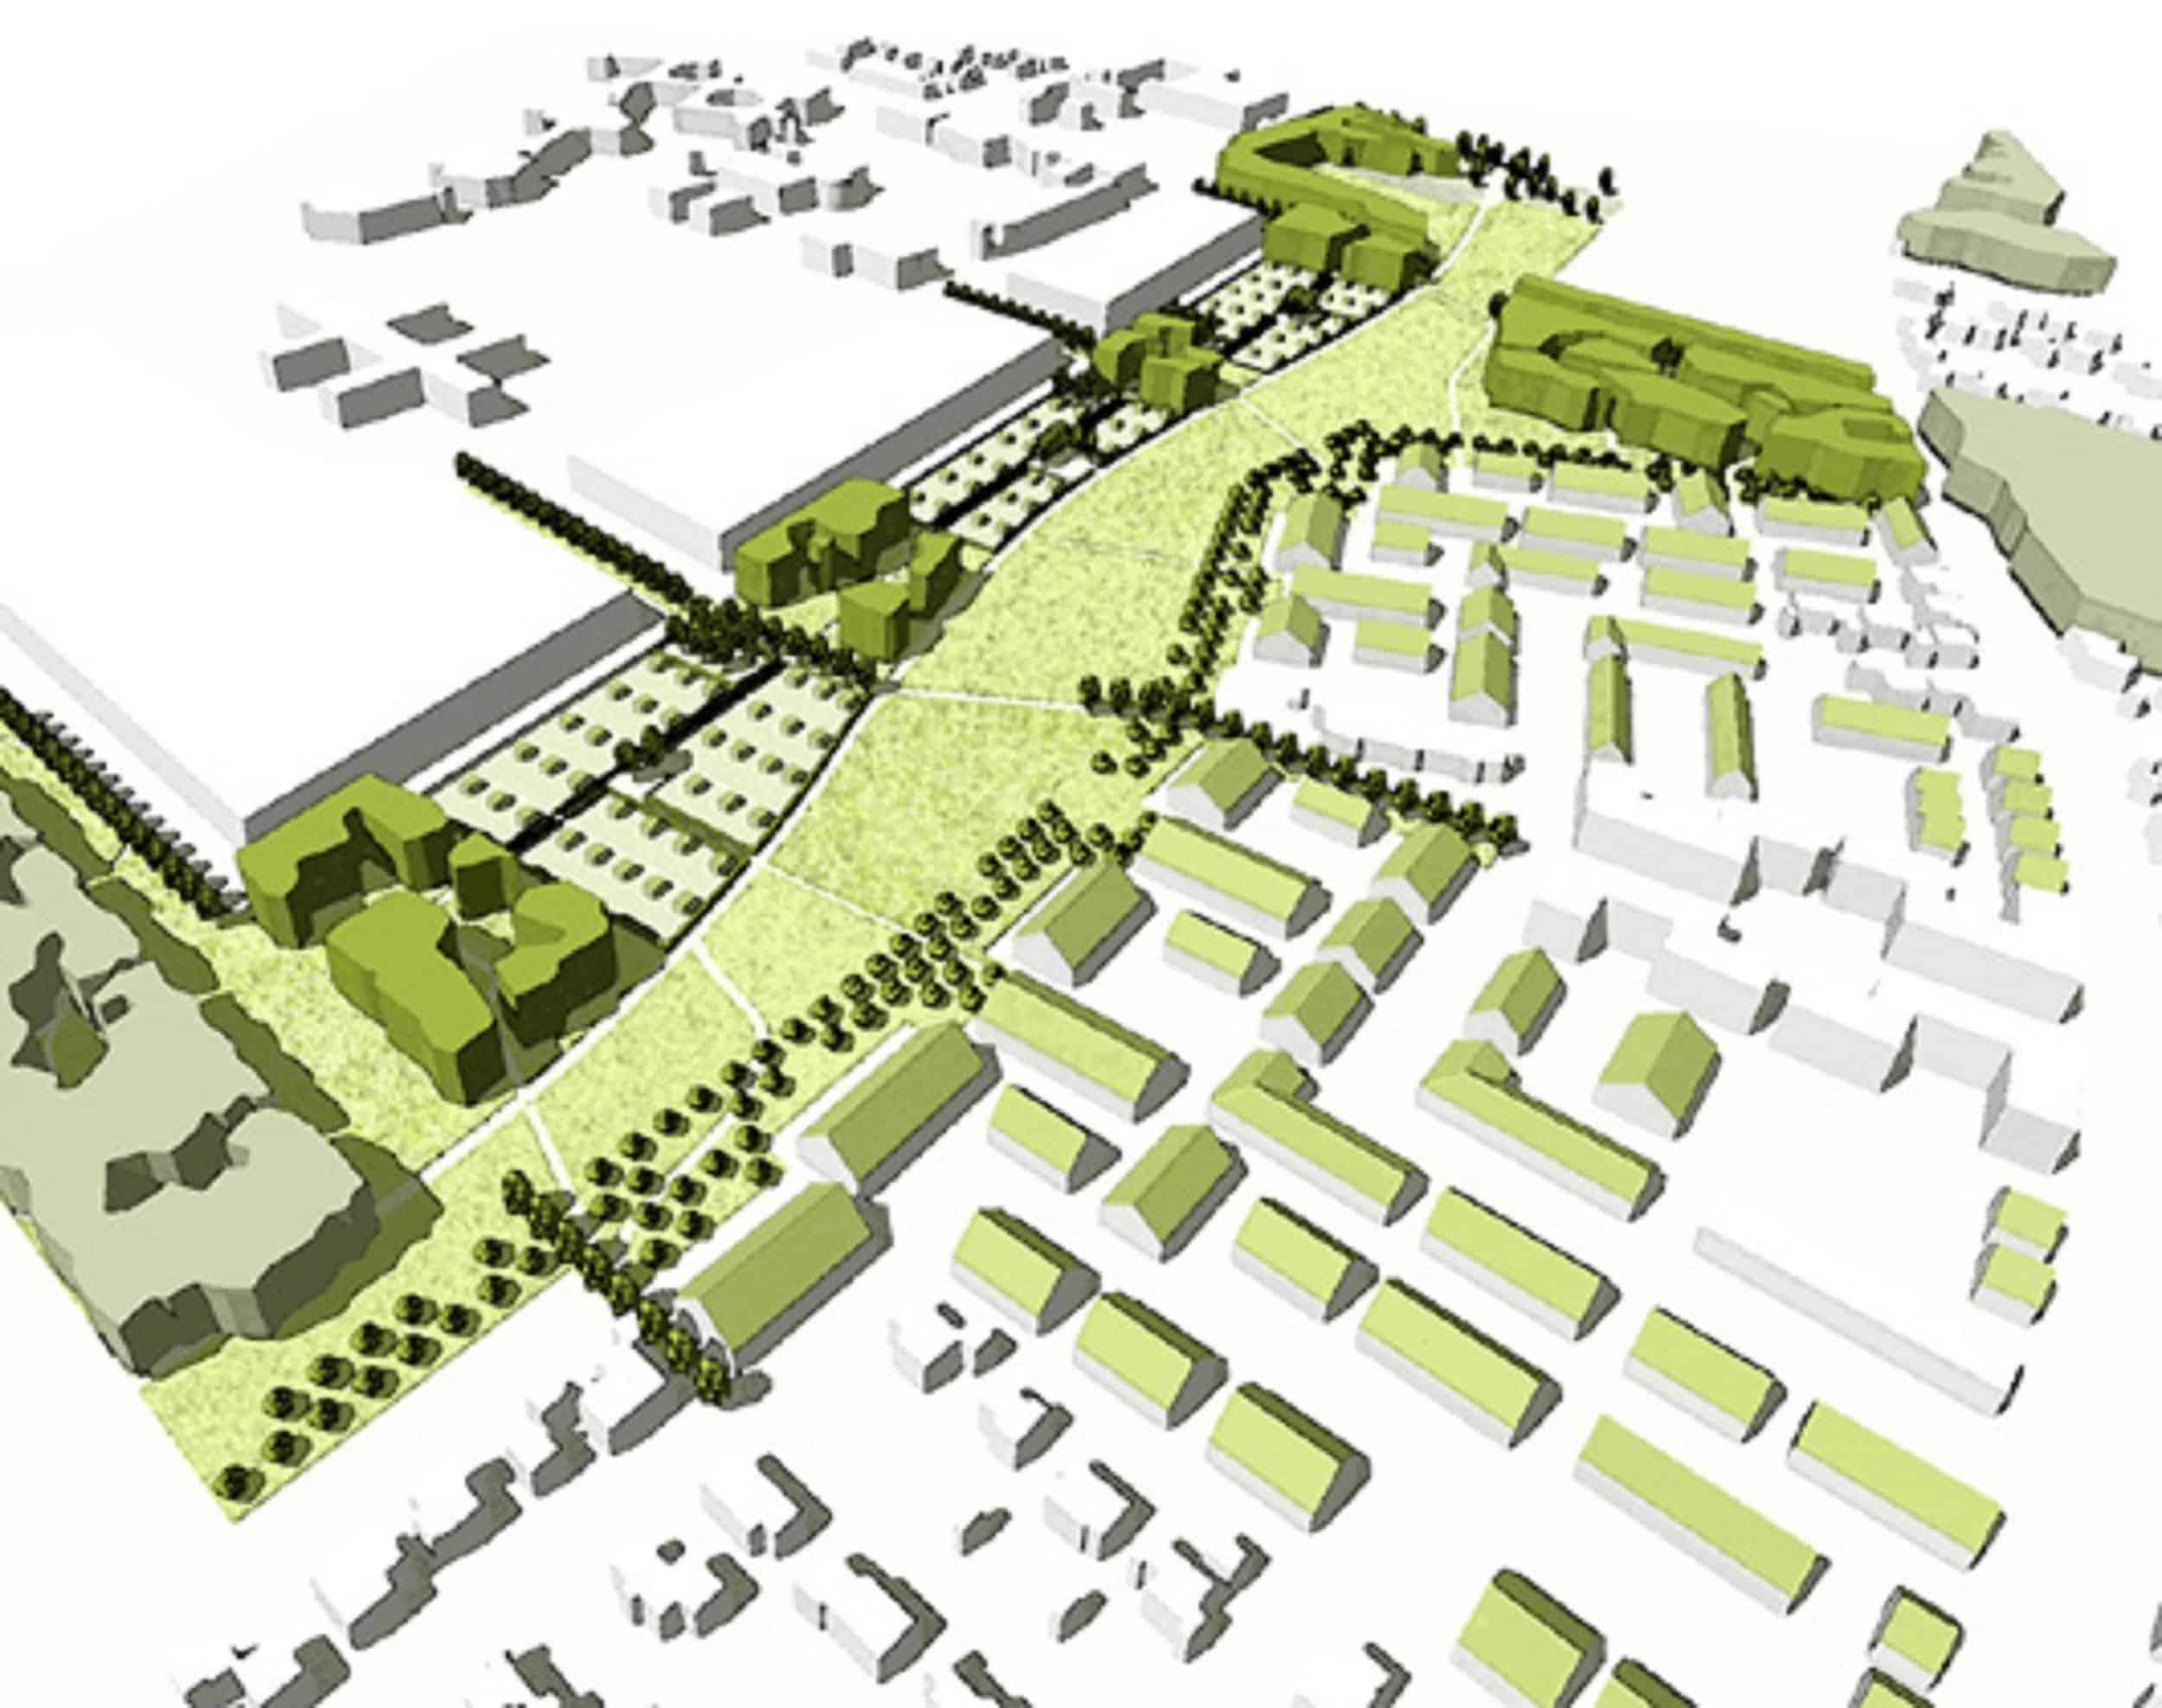 Bild: Perspektive über das Planungsgebiet im Gefilde, Darstellung: ver.de landschaftsarchitektur